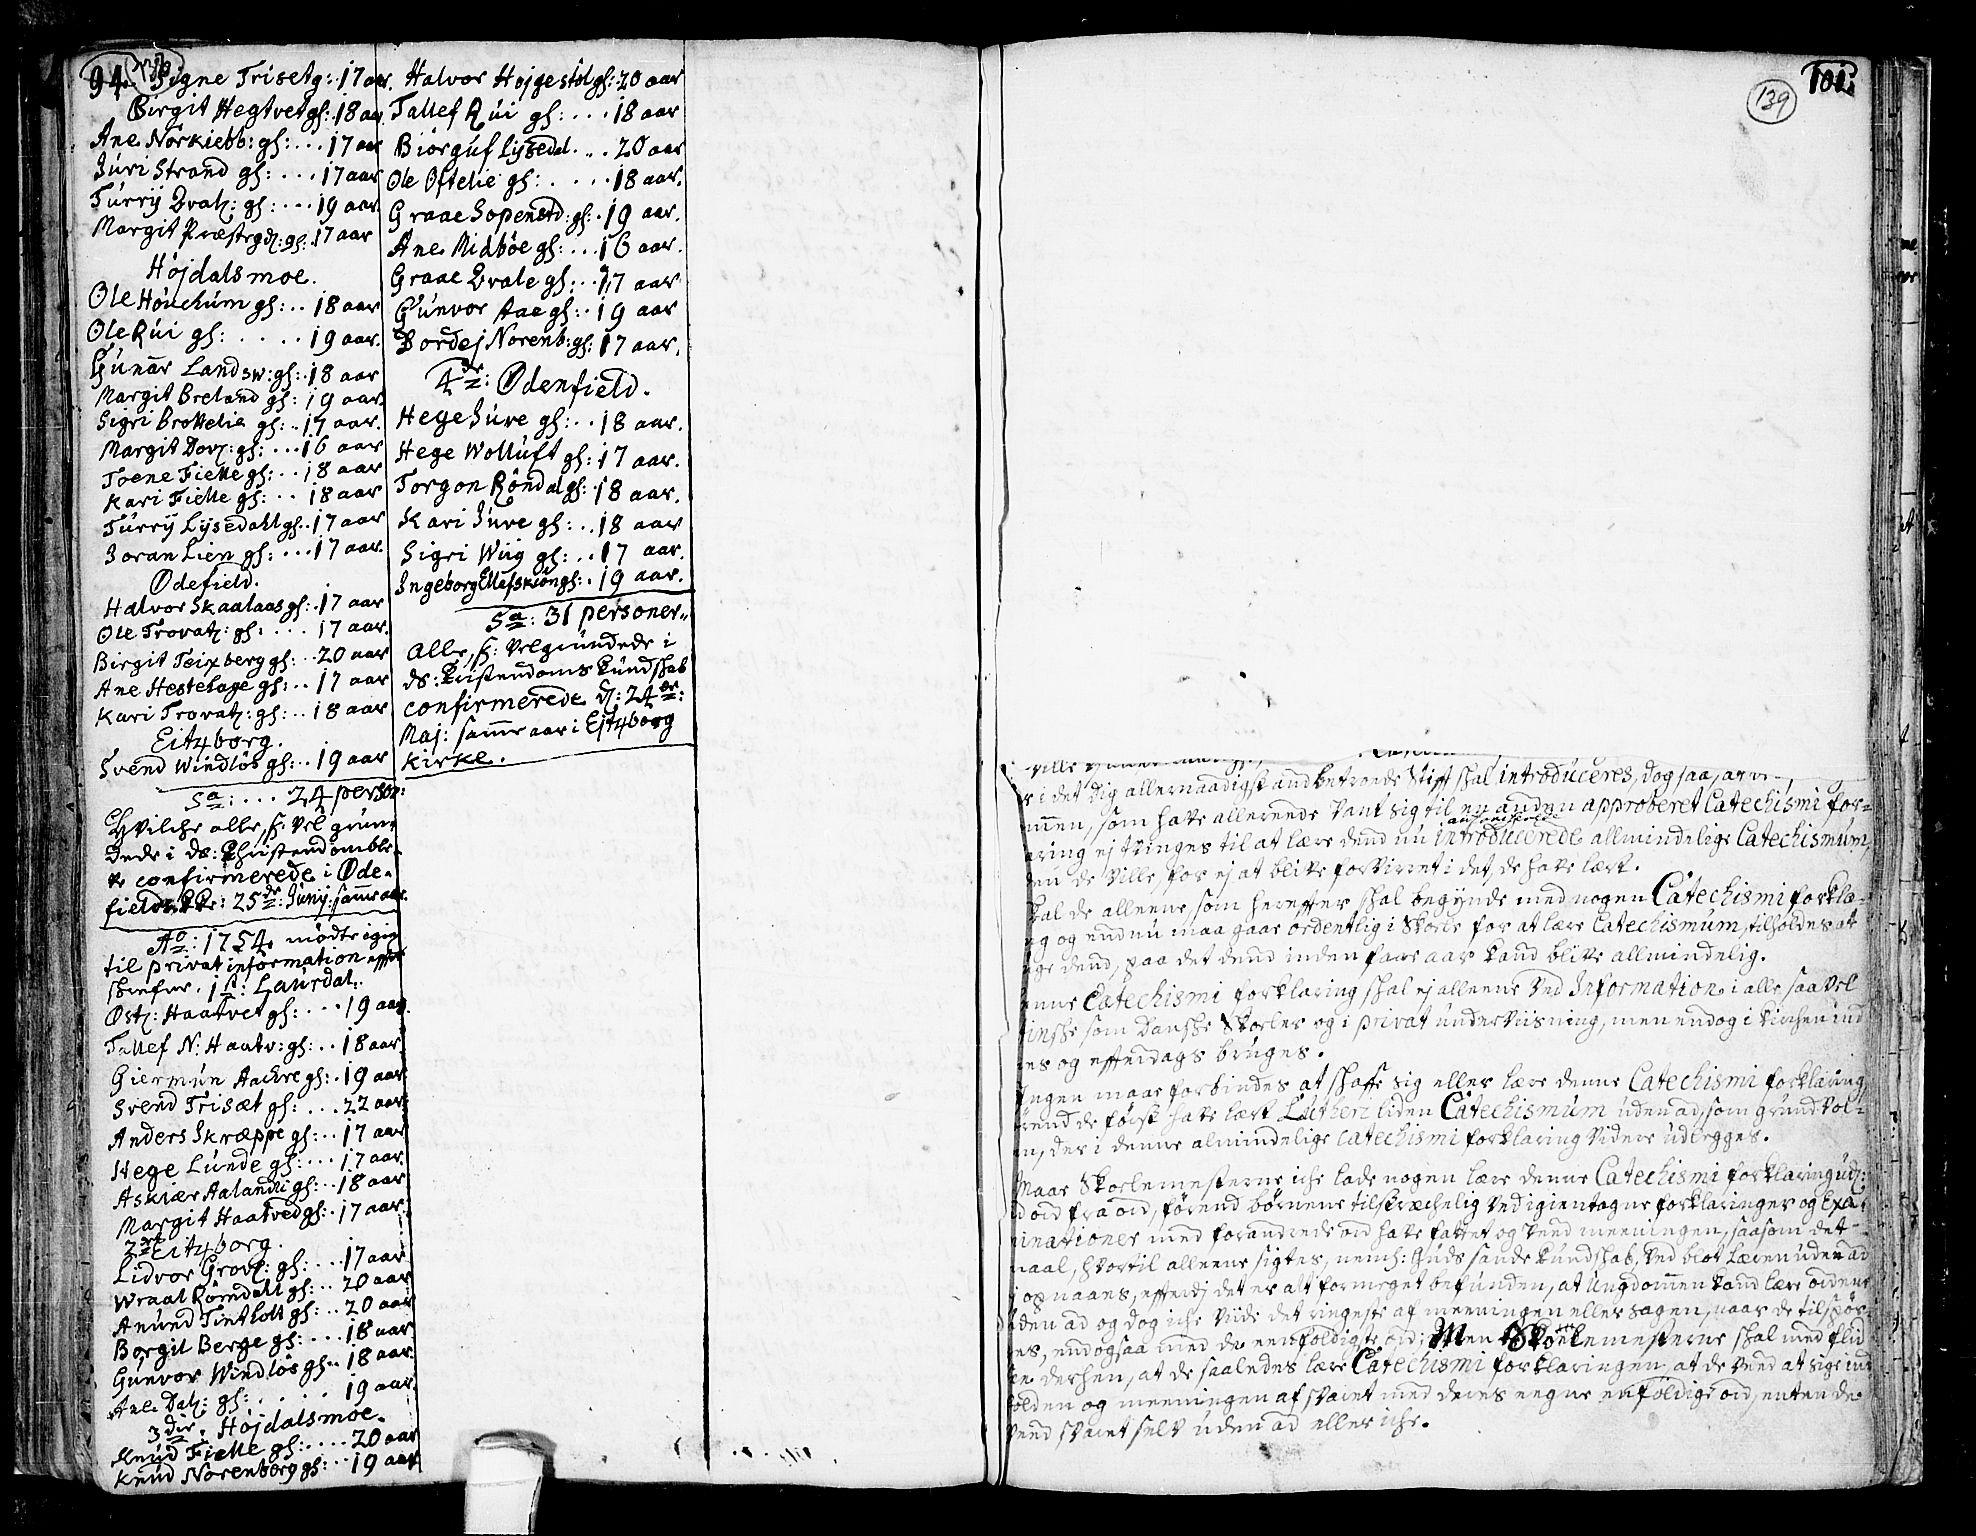 SAKO, Lårdal kirkebøker, F/Fa/L0002: Ministerialbok nr. I 2, 1734-1754, s. 138-139